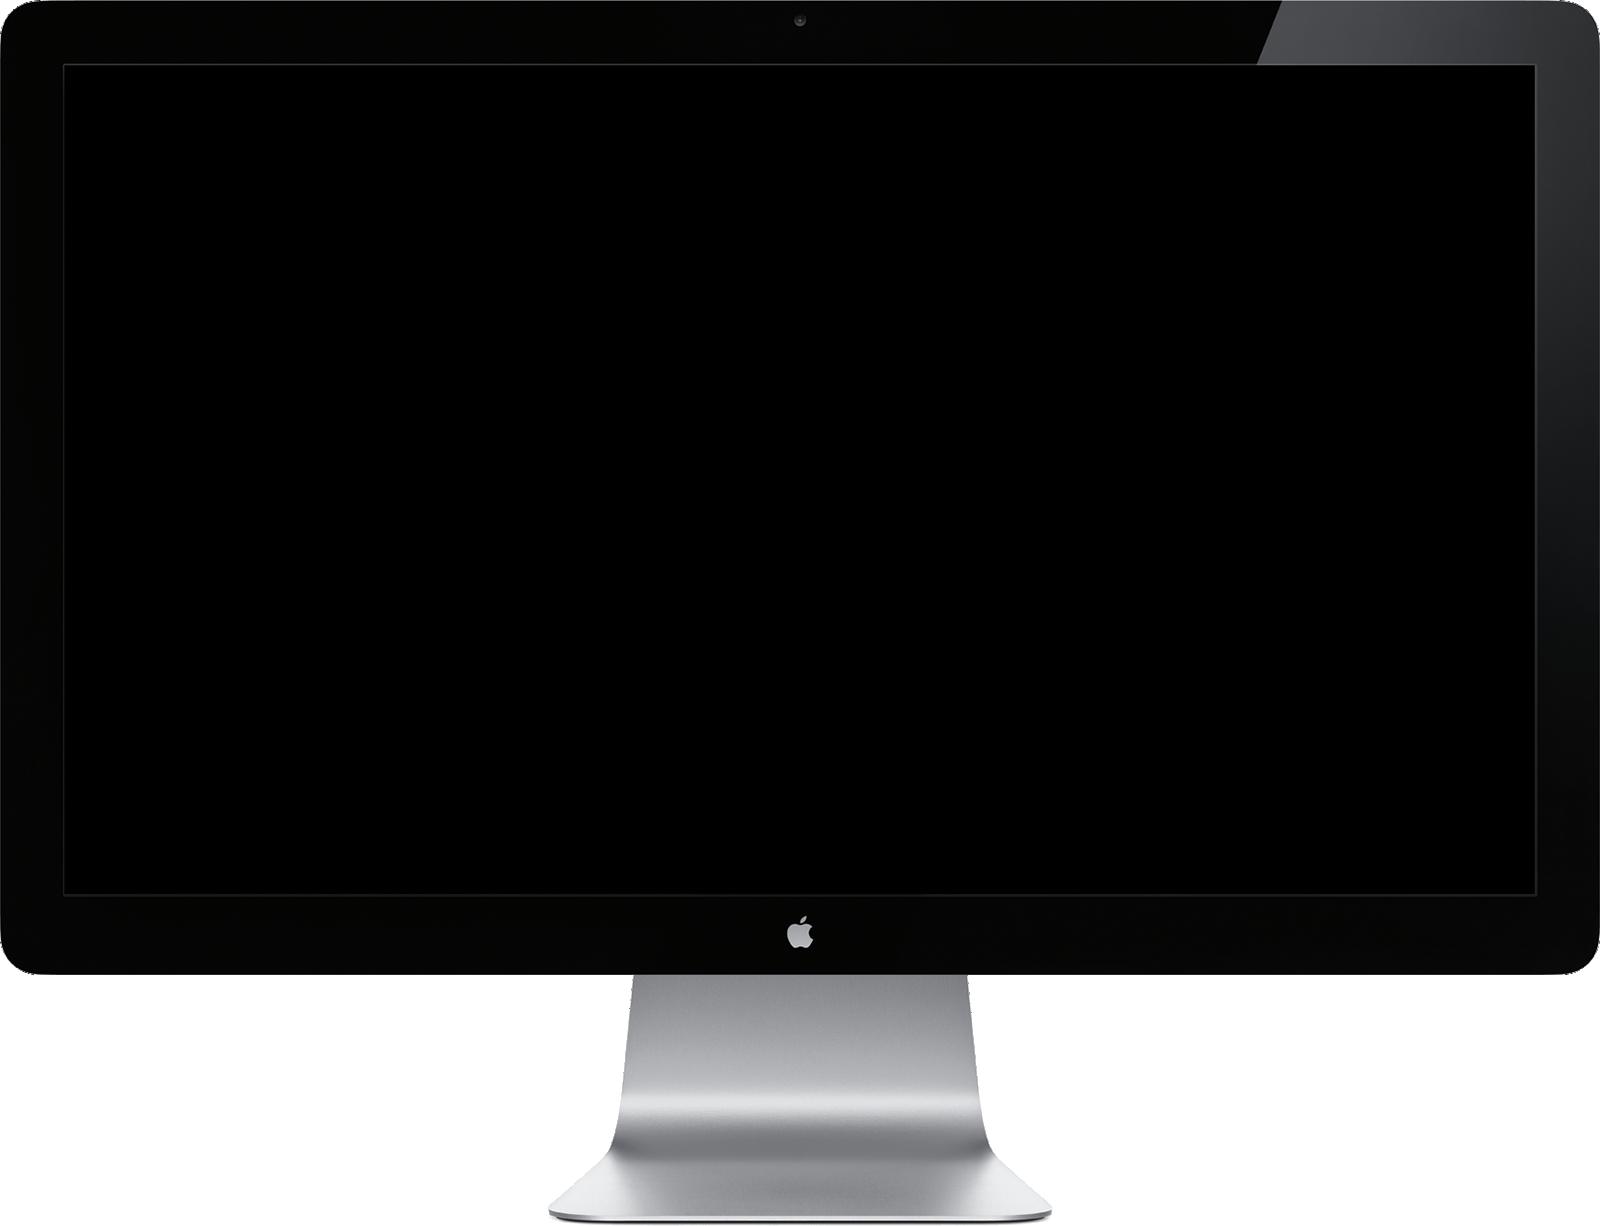 iMac Carousel Frame